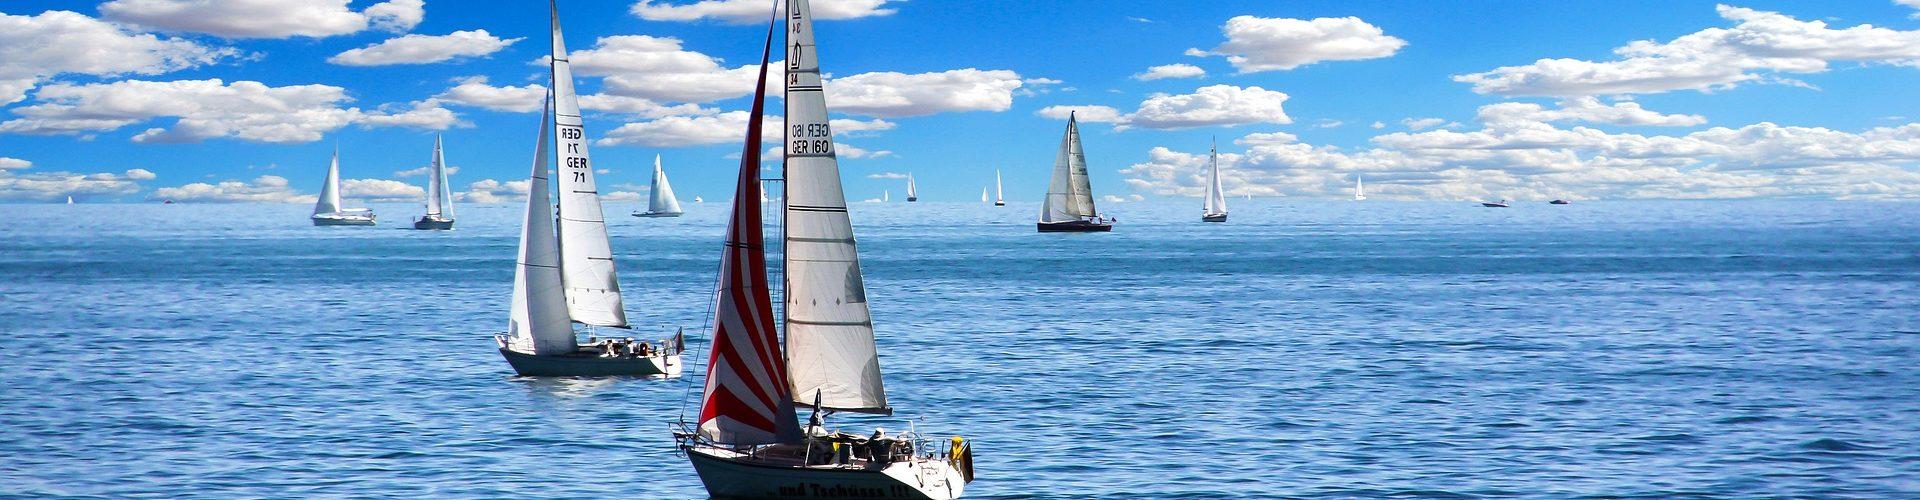 segeln lernen in Wassenberg segelschein machen in Wassenberg 1920x500 - Segeln lernen in Wassenberg